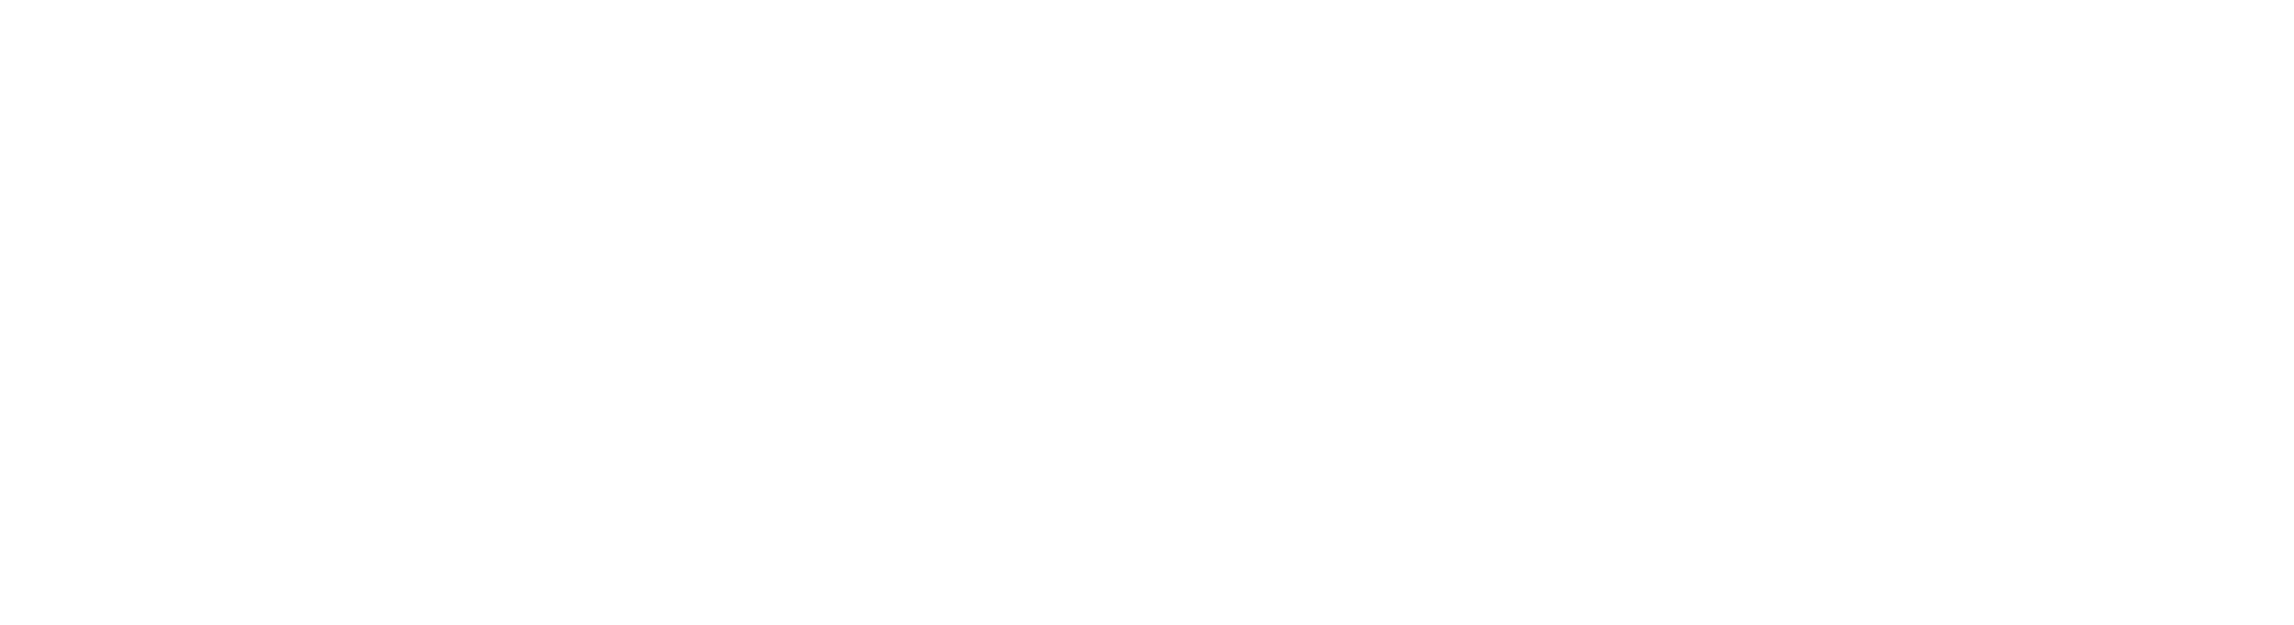 maadaa.ai